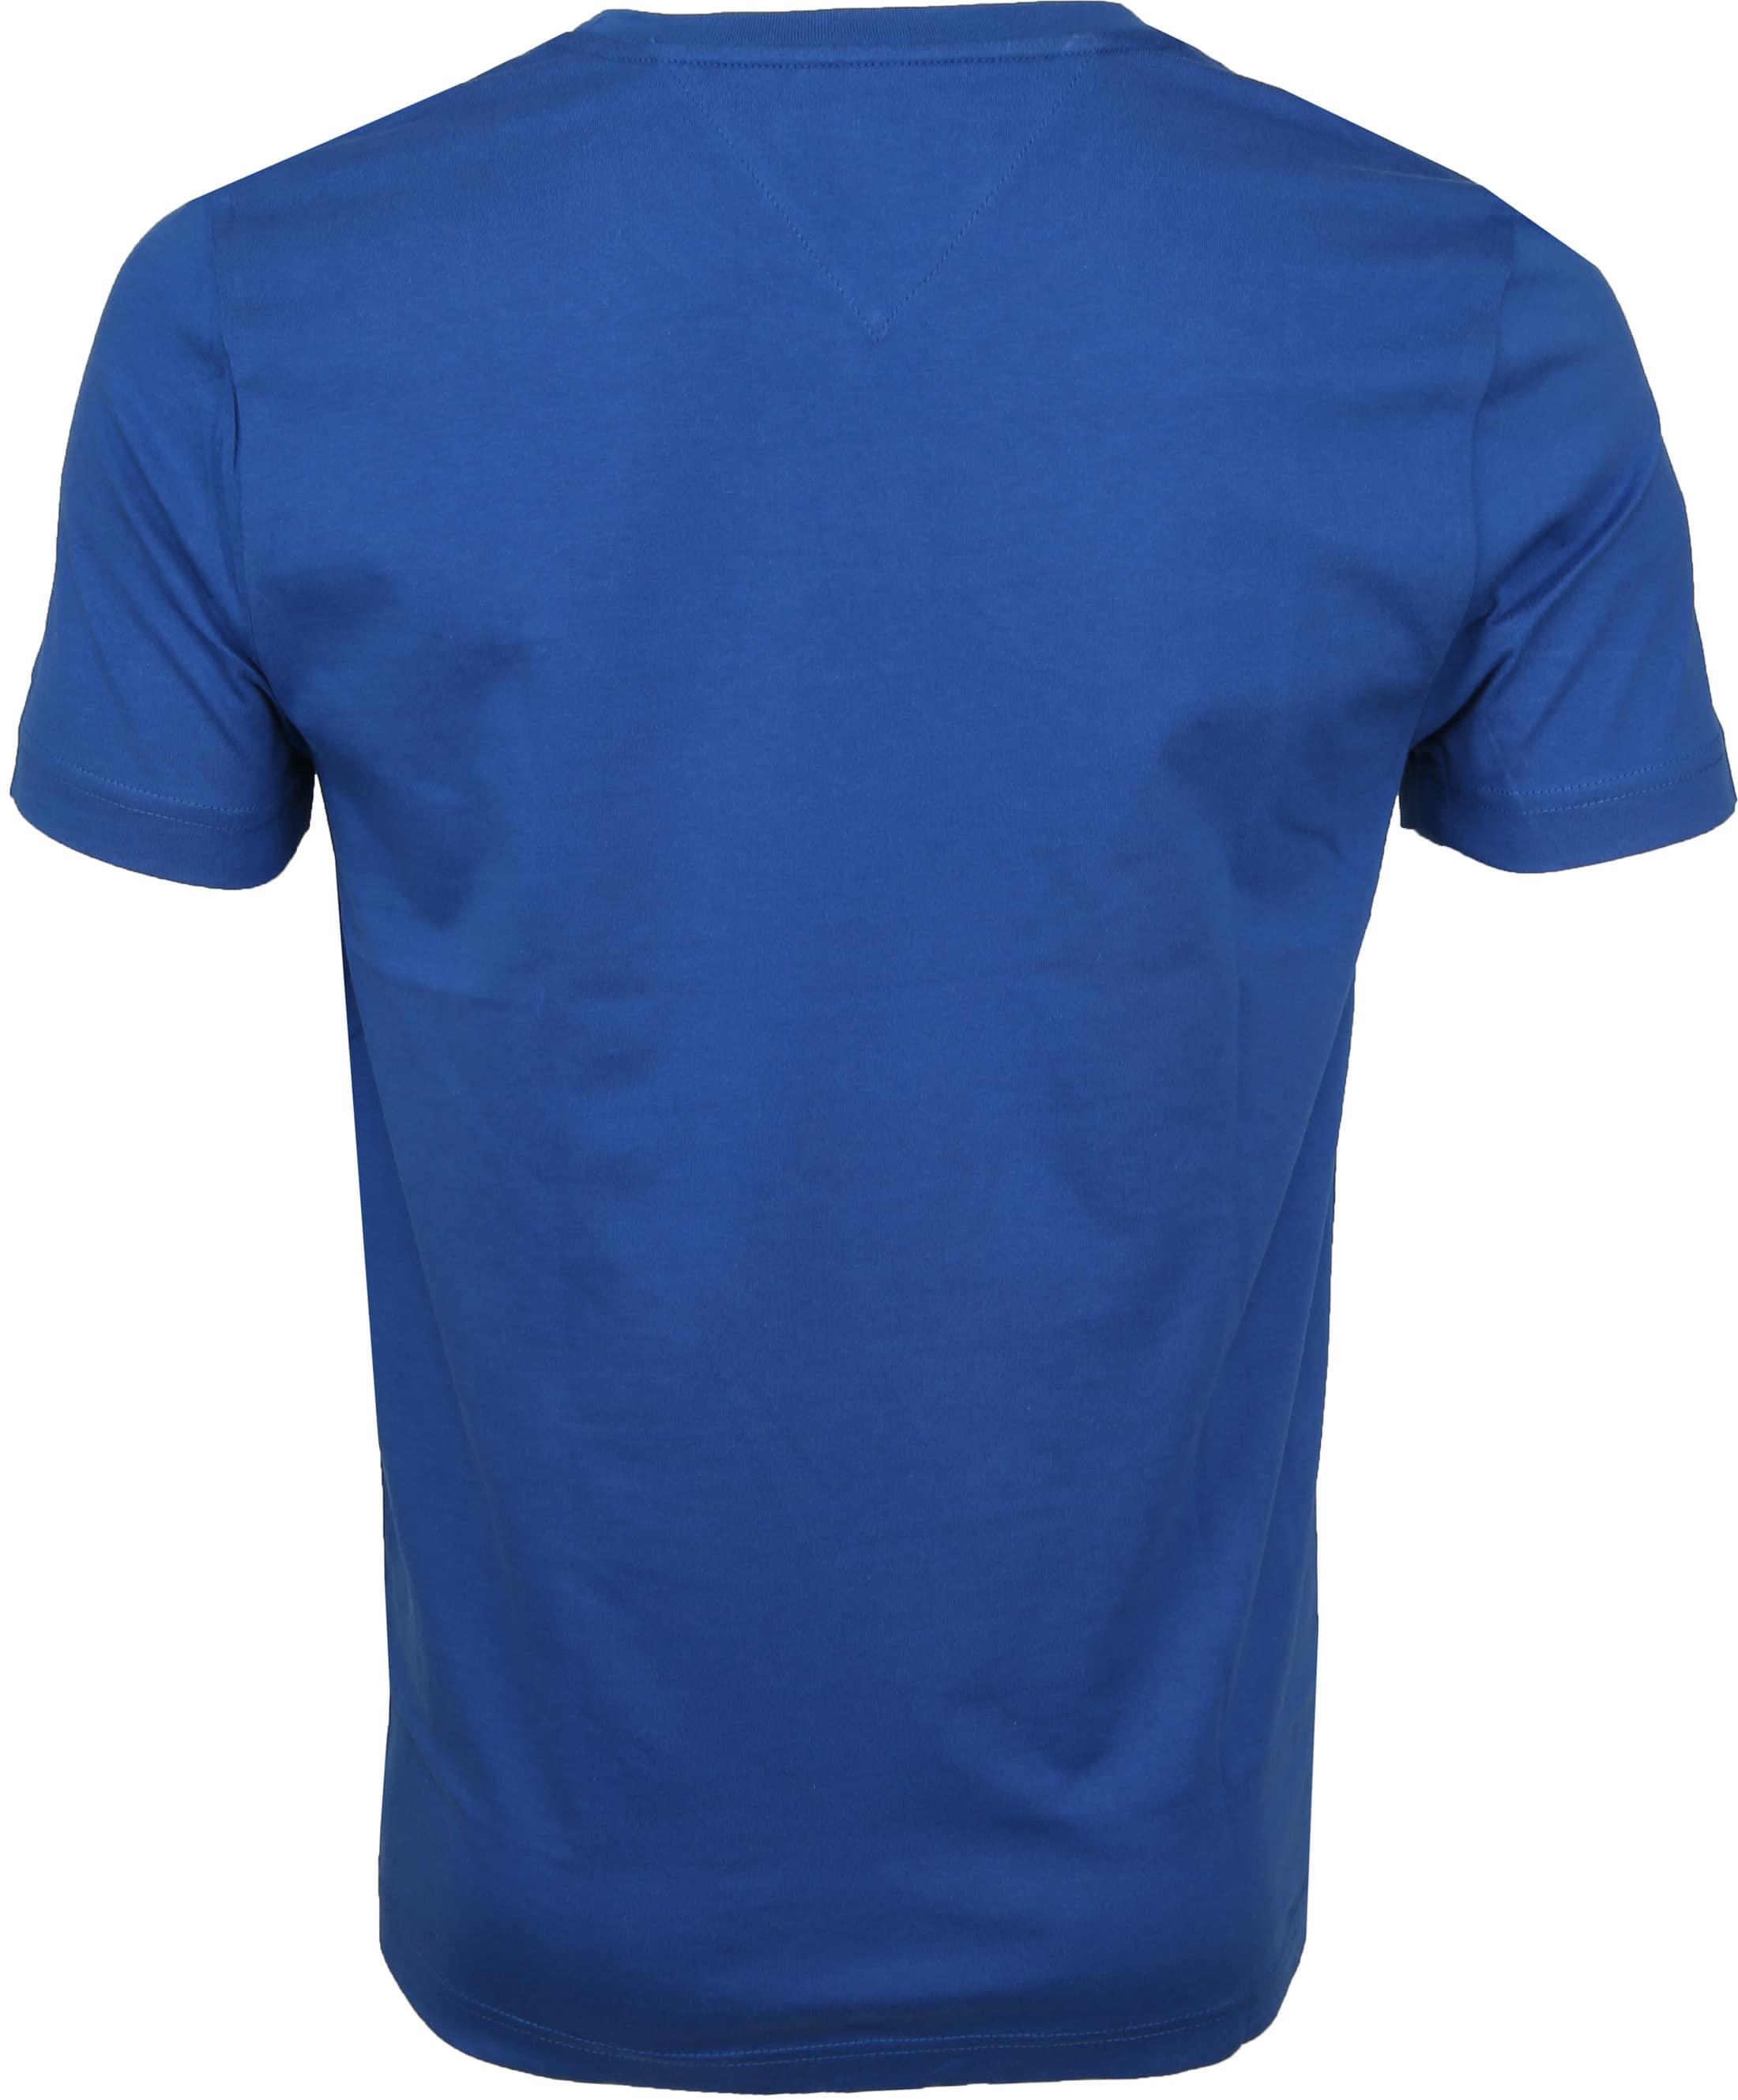 Tommy Hilfiger T-shirt Box Print Blau foto 3